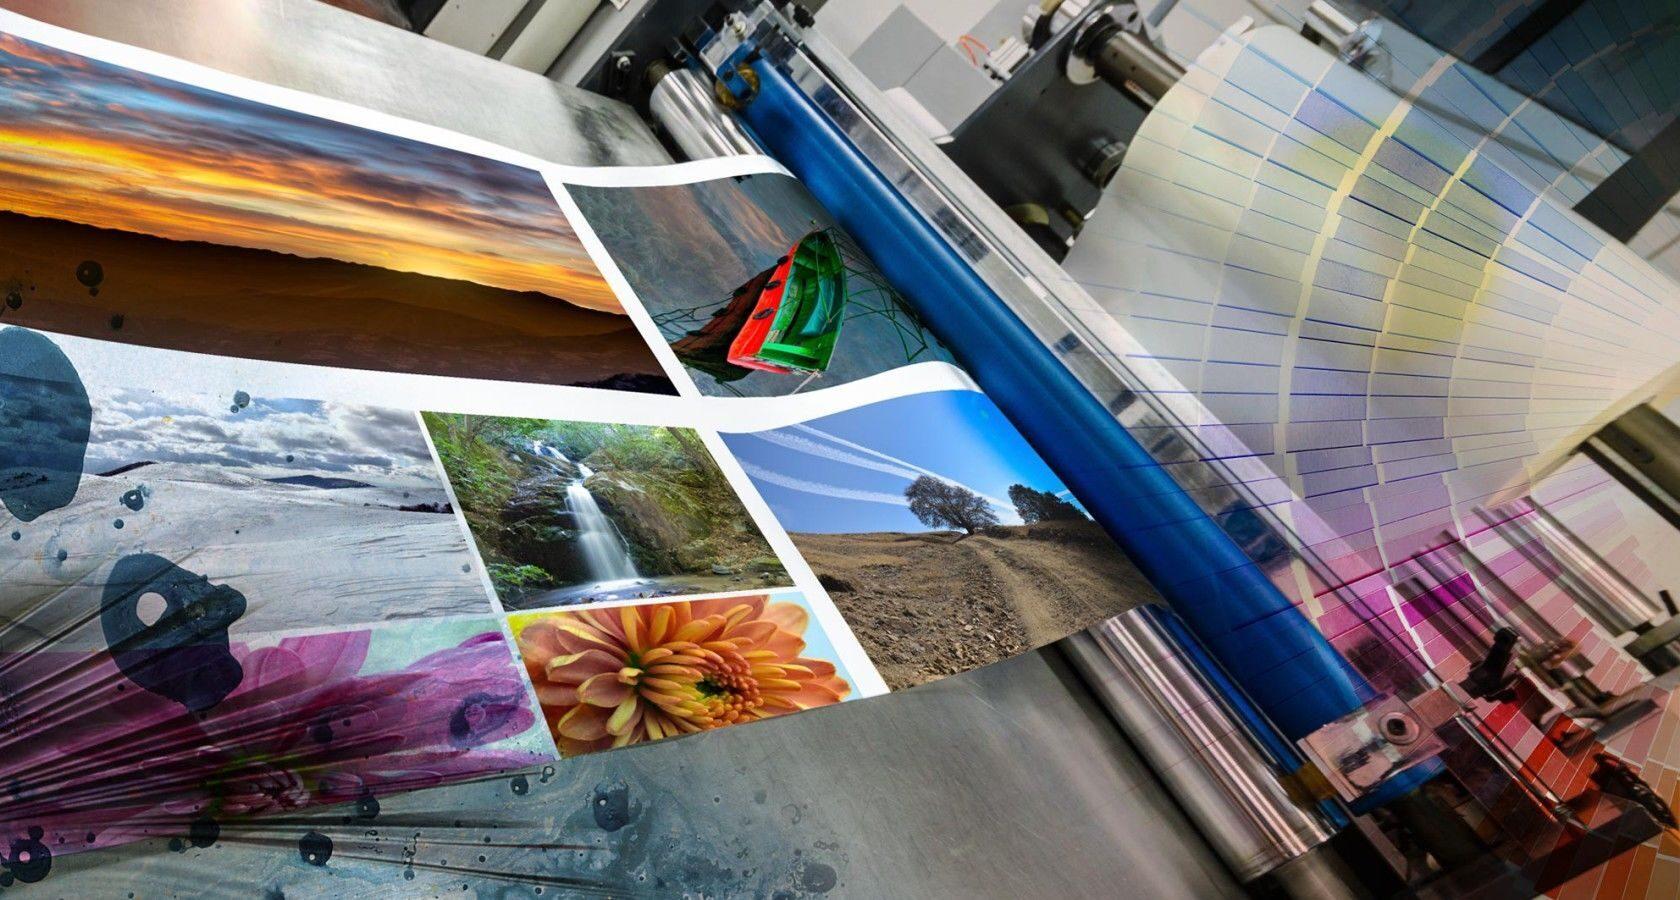 печать плакатов на фотобумаге хорошо перетрясти